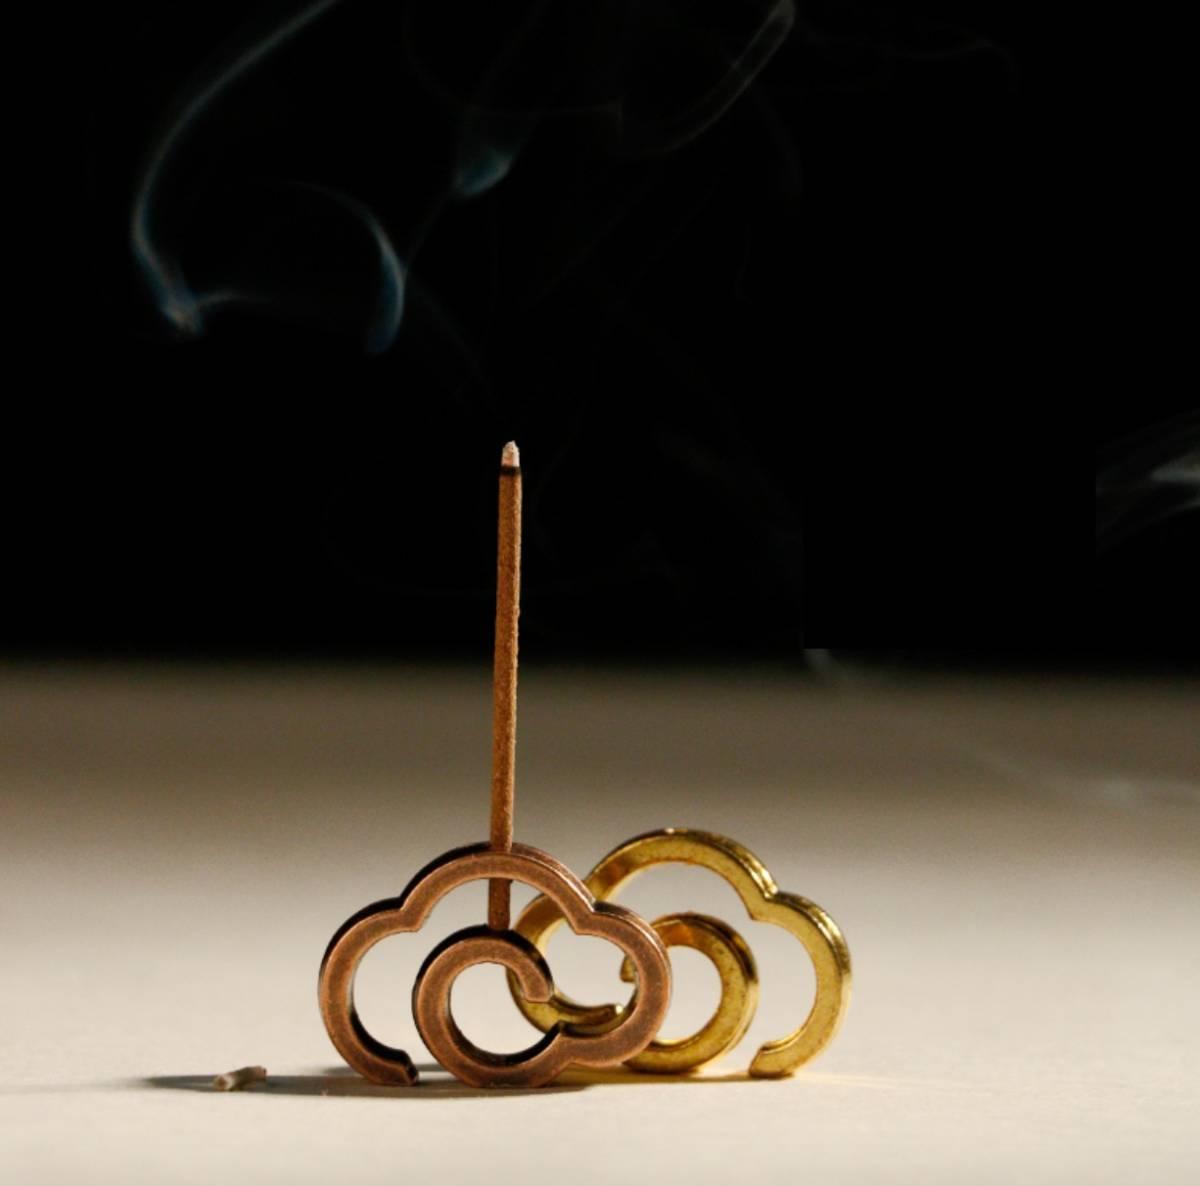 雲型 お香立て コッパーブラウン お香入れ 線香皿 可愛い 小さい インテリア香炉 インセンスホルダー お仏壇用 リラクゼーション 銅色 茶色_イメージ画像。商品は1個です